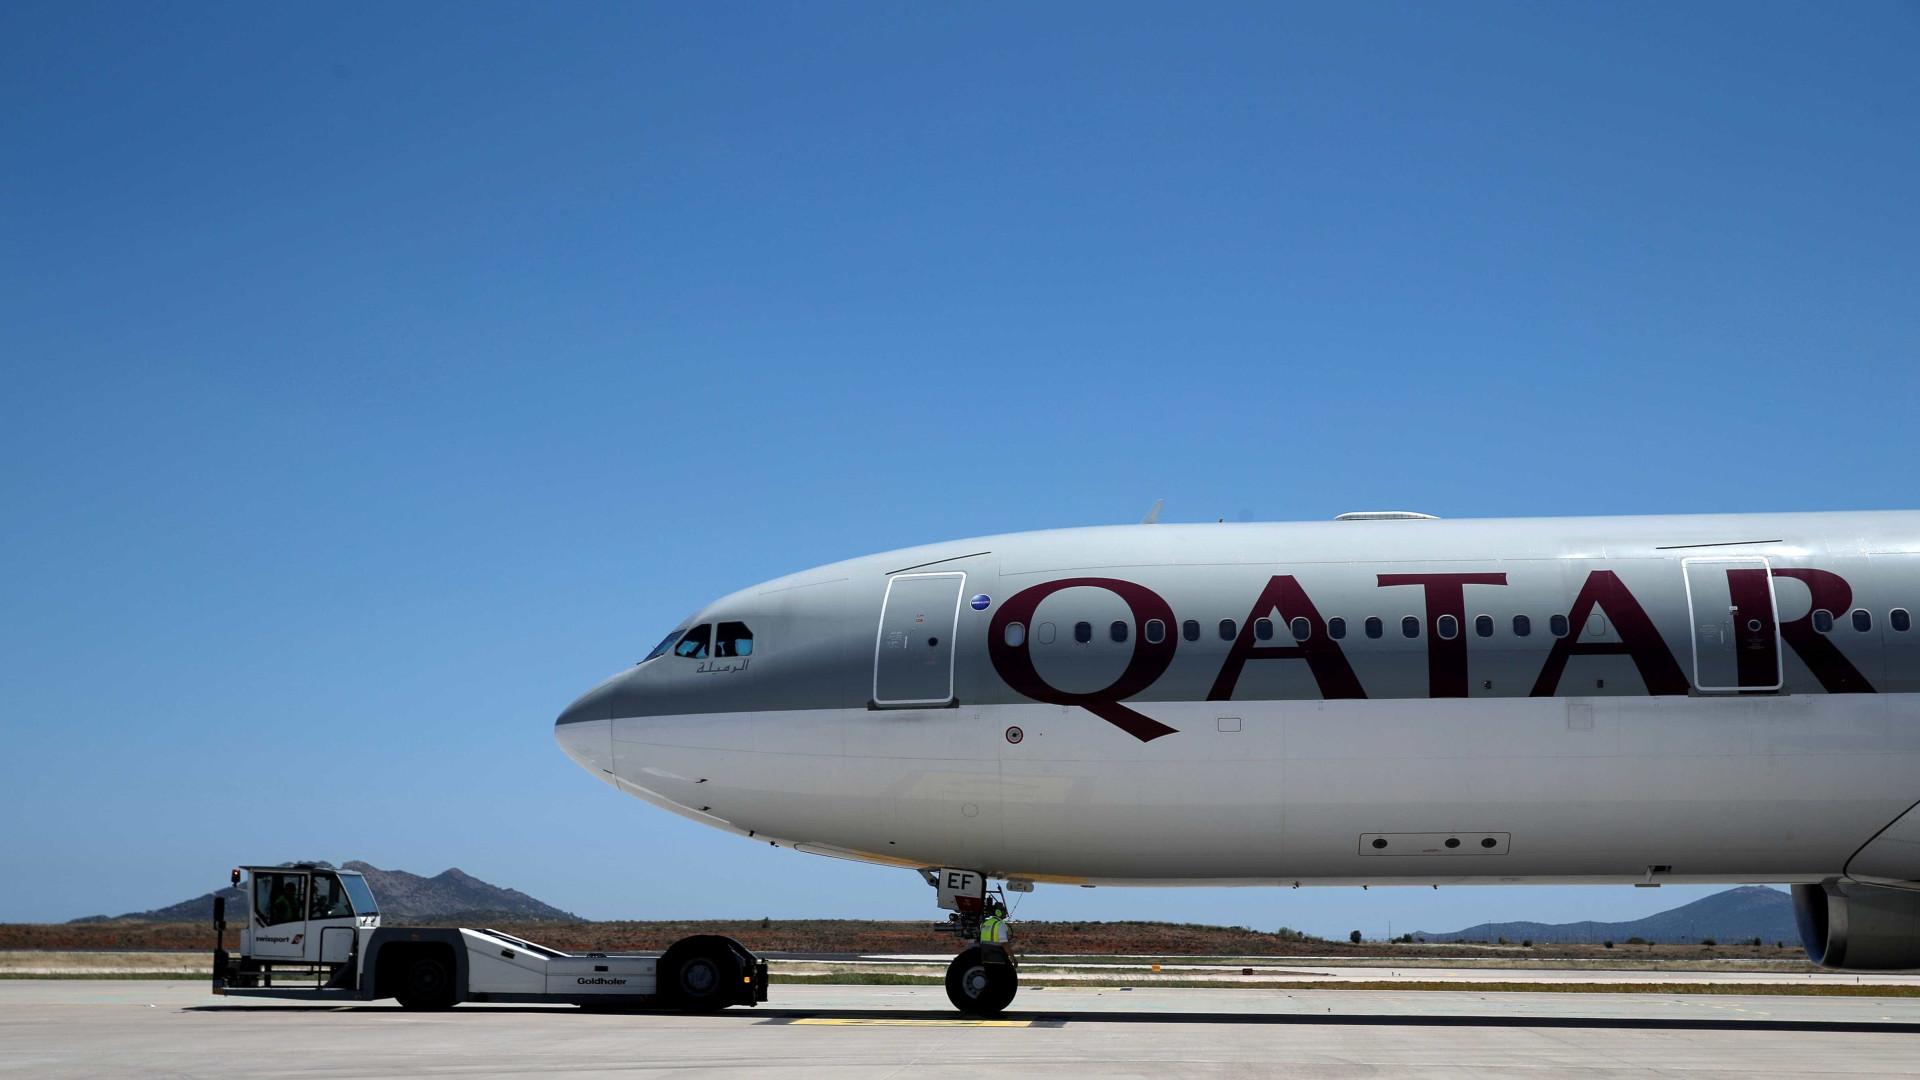 Qatar Airways desiste de entrar no capital da American Airlines